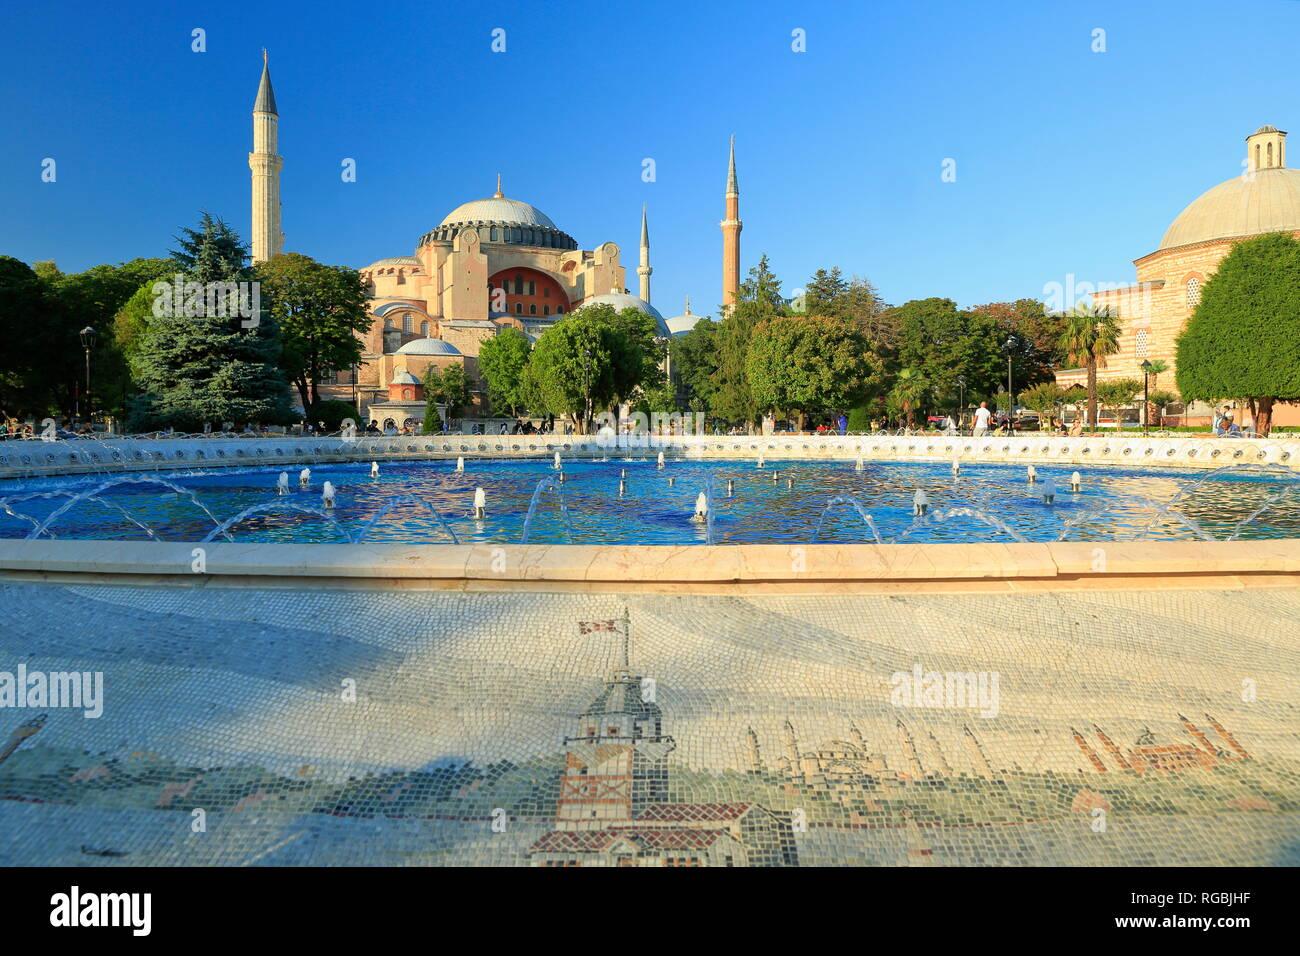 Musée Sainte-sophie. C'est la plus grande église de l'Empire romain d'Orient à Istanbul, utilisé comme une église de 916 ans et qu'une mosquée pour 482 ans. Photo Stock